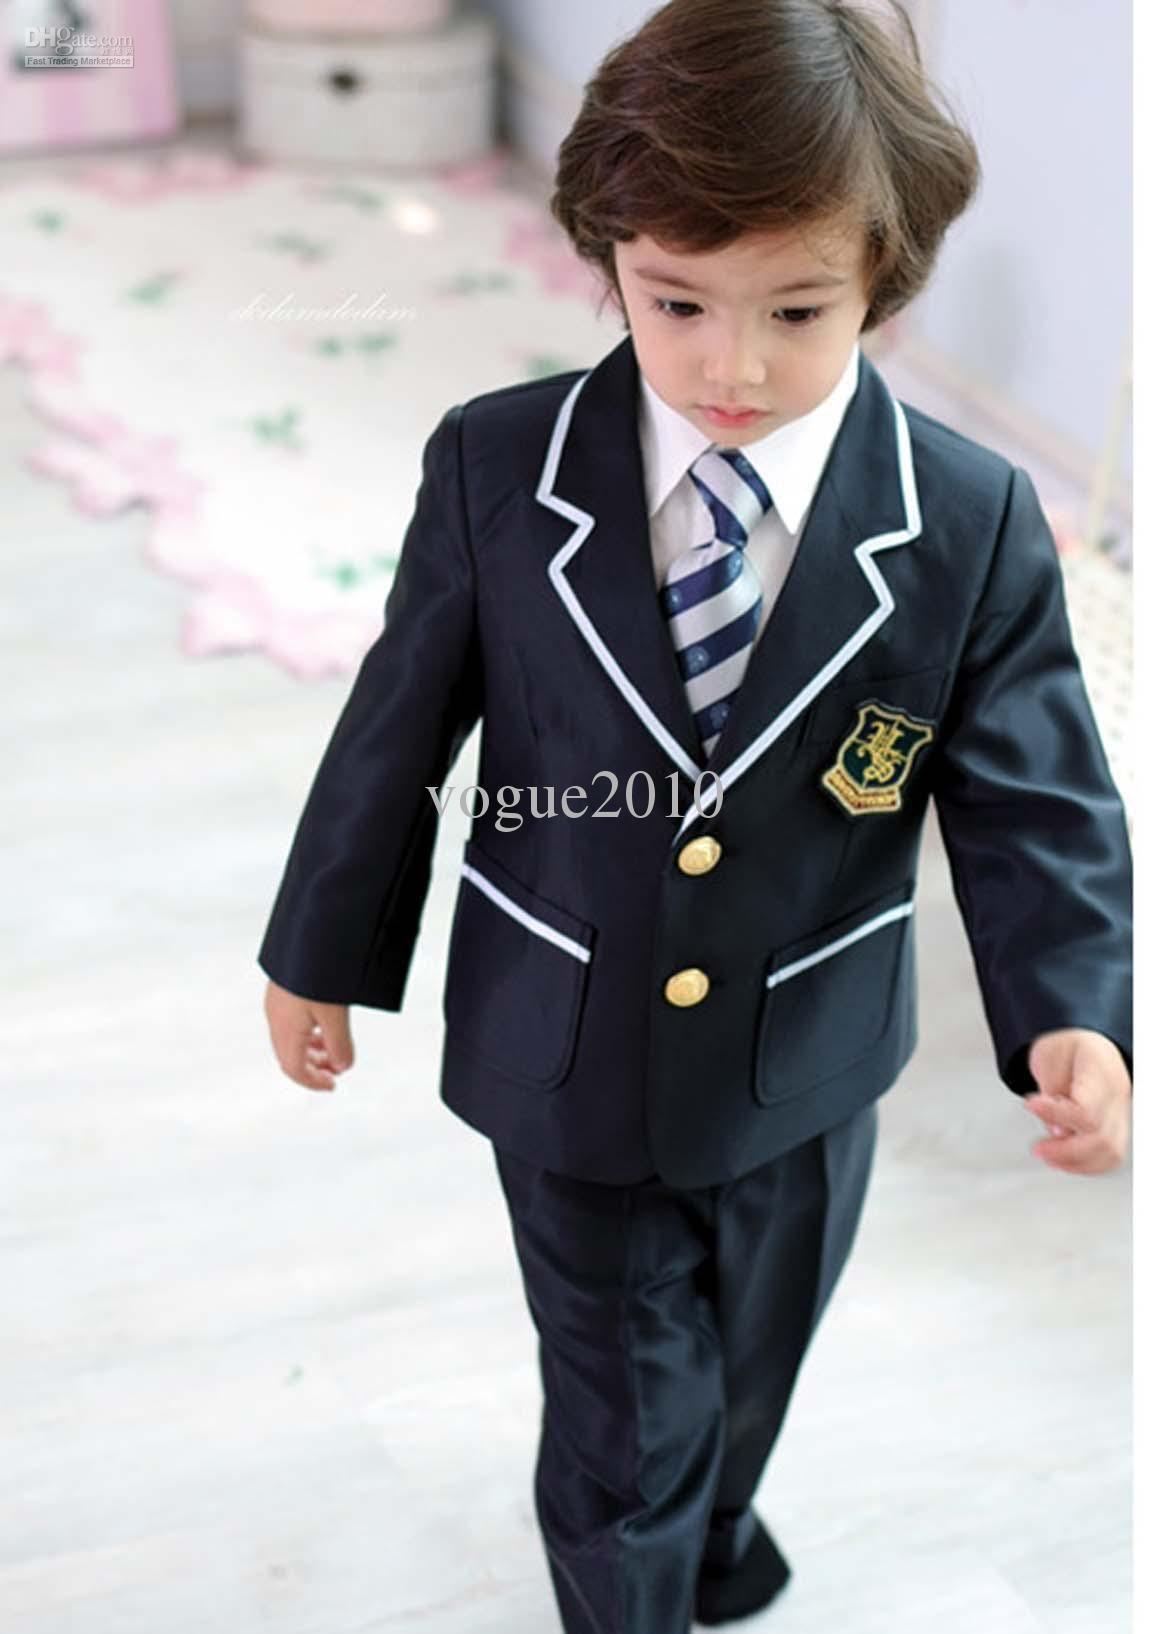 flower boy new fashion boys attire boy wedding suit kid suits formal